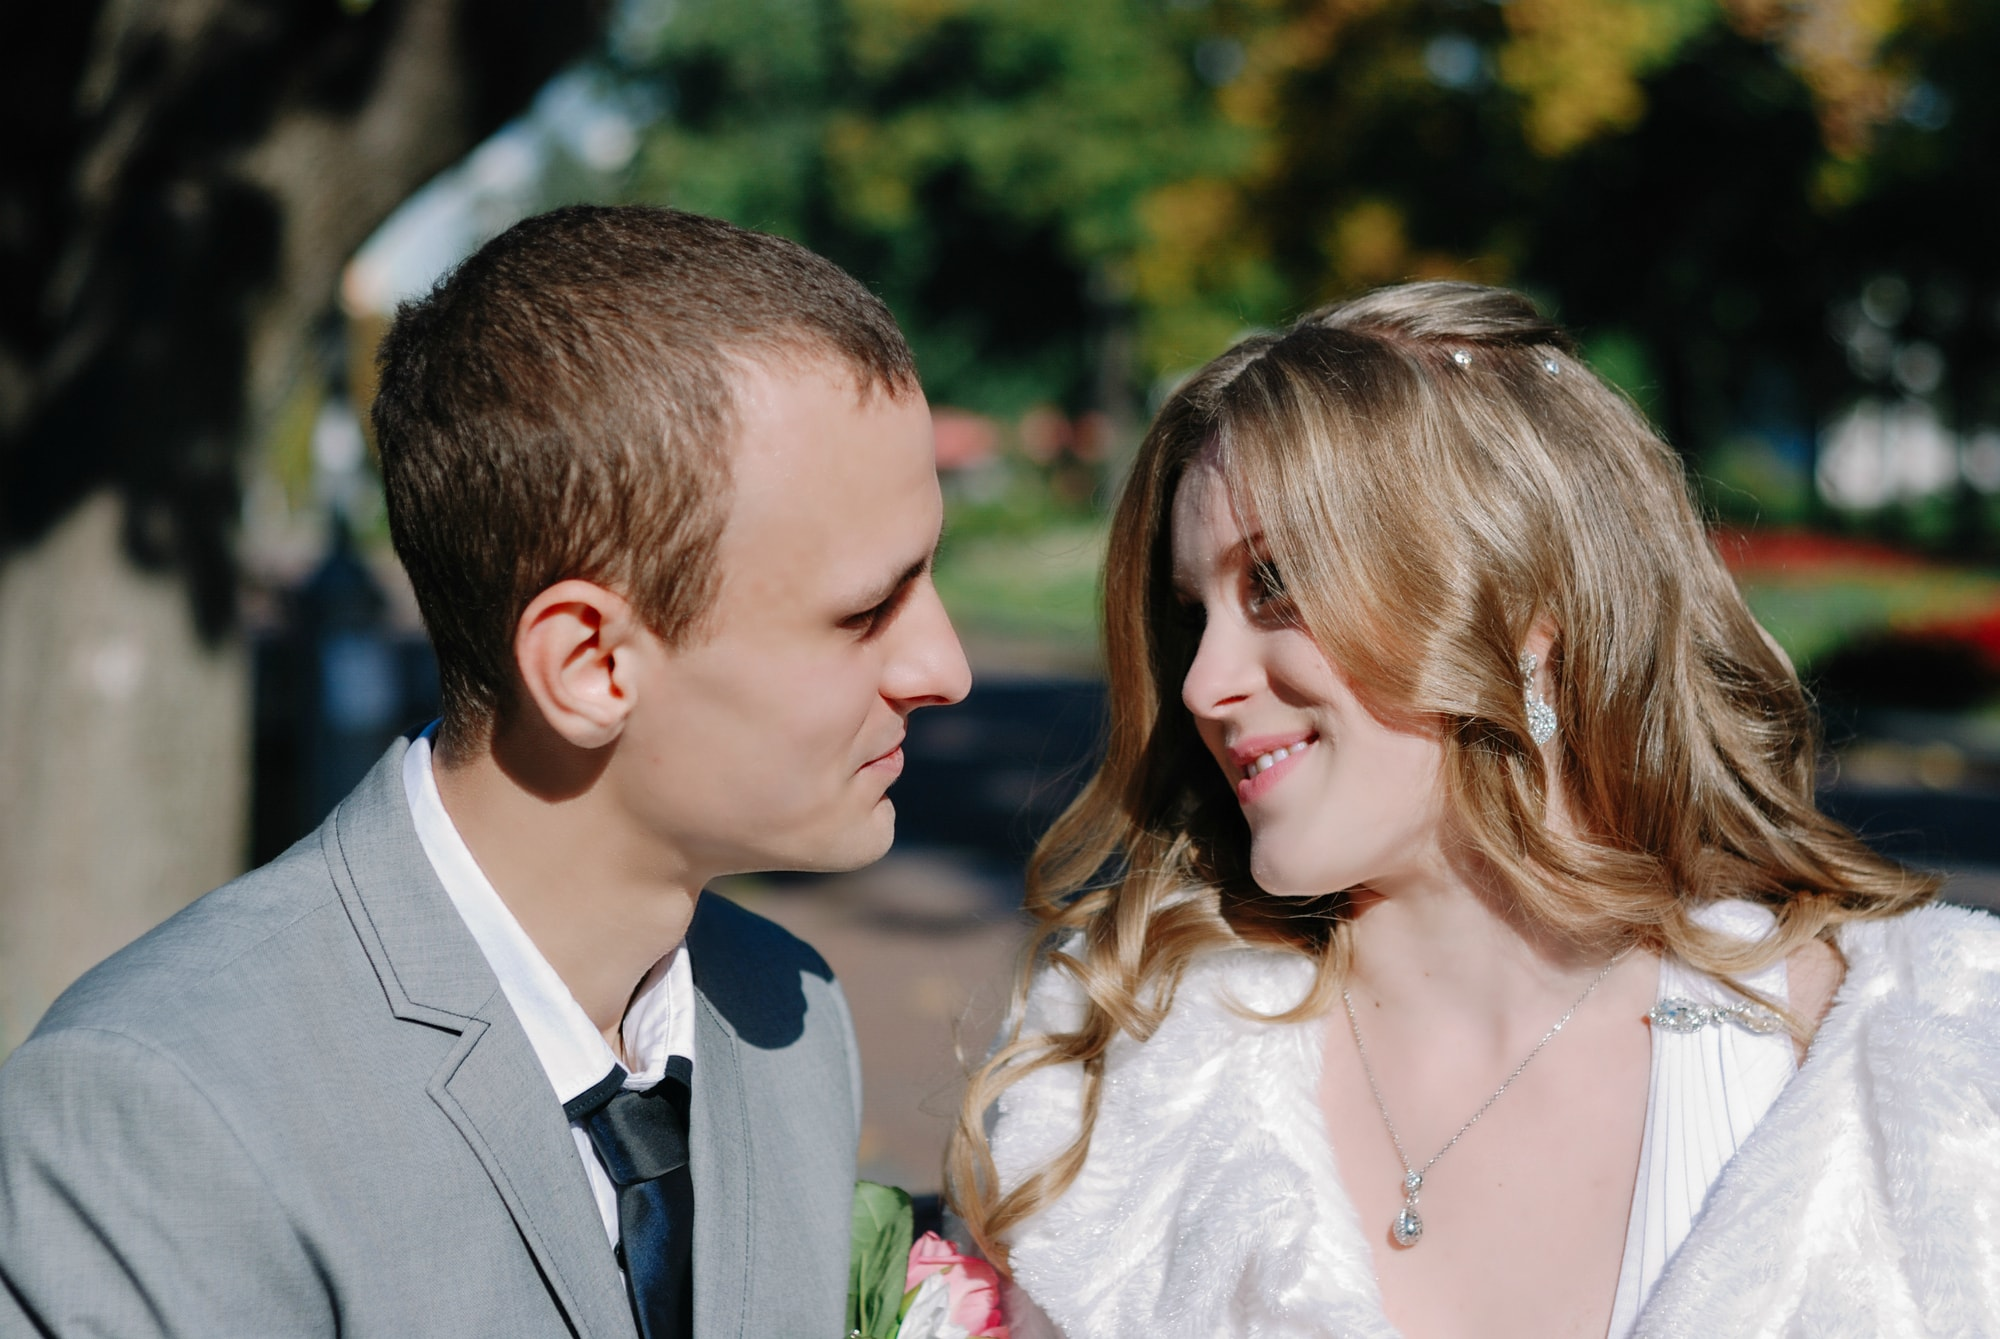 Заигрывание невесты - Фотограф Киев - Женя Лайт